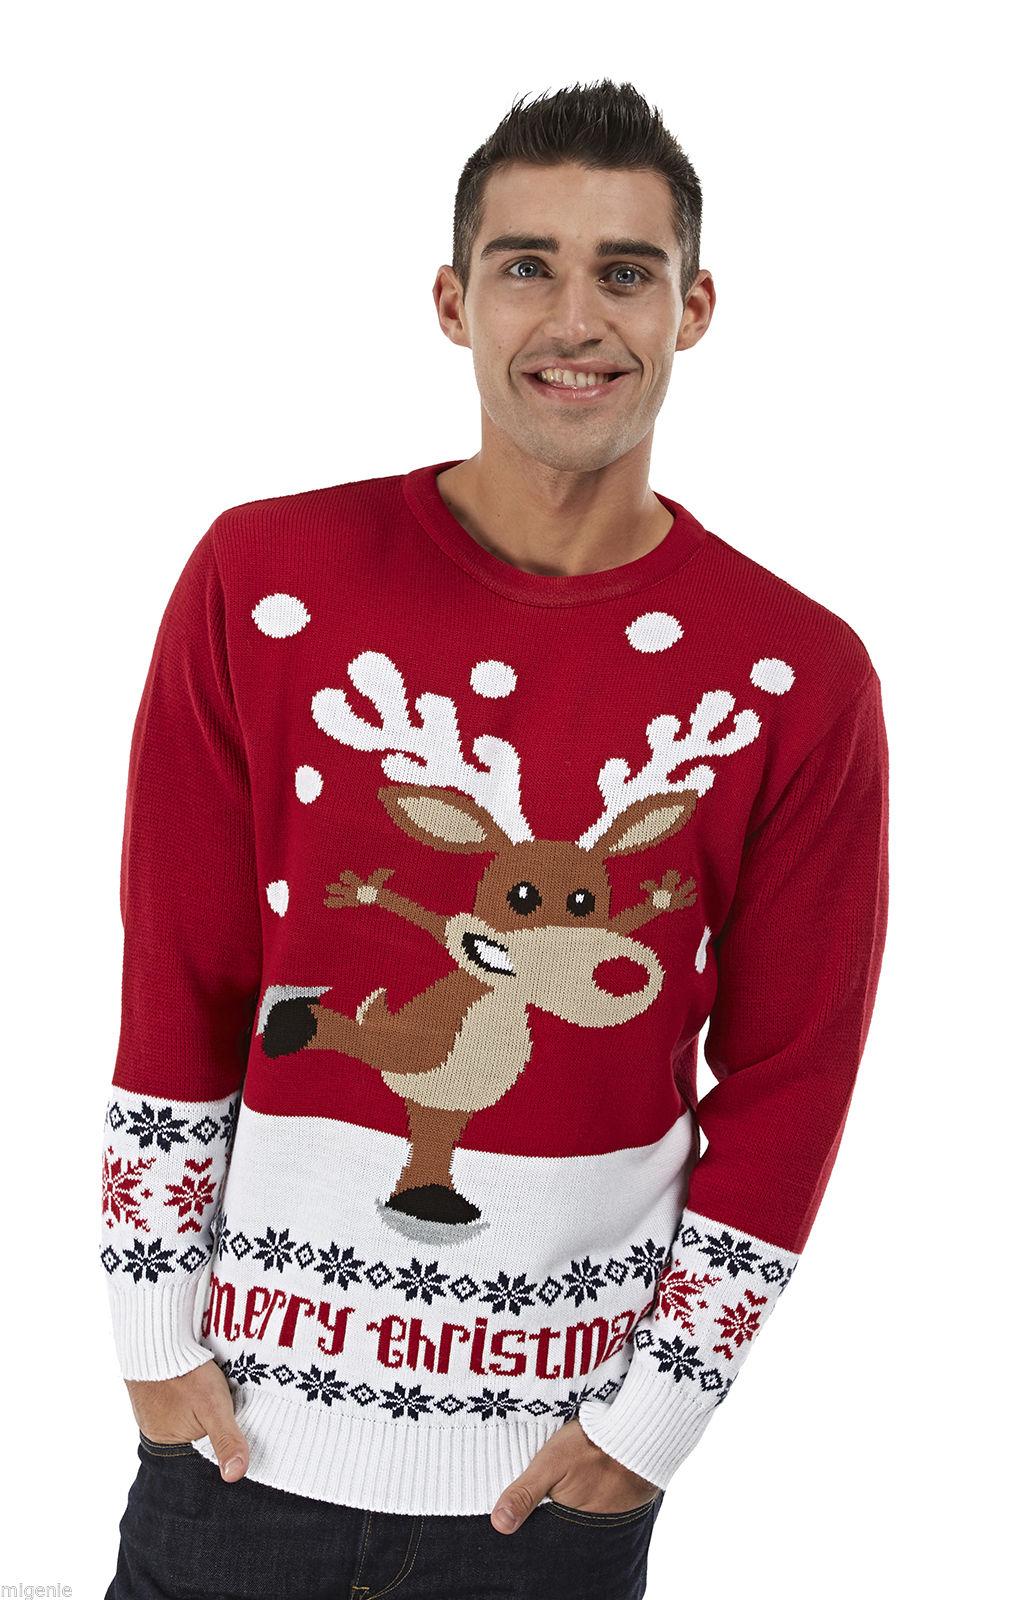 Lelijke Kersttrui Kopen.Kersttrui Rudolph Op Schaatsen Rood Kersttrui Com Kersttruien